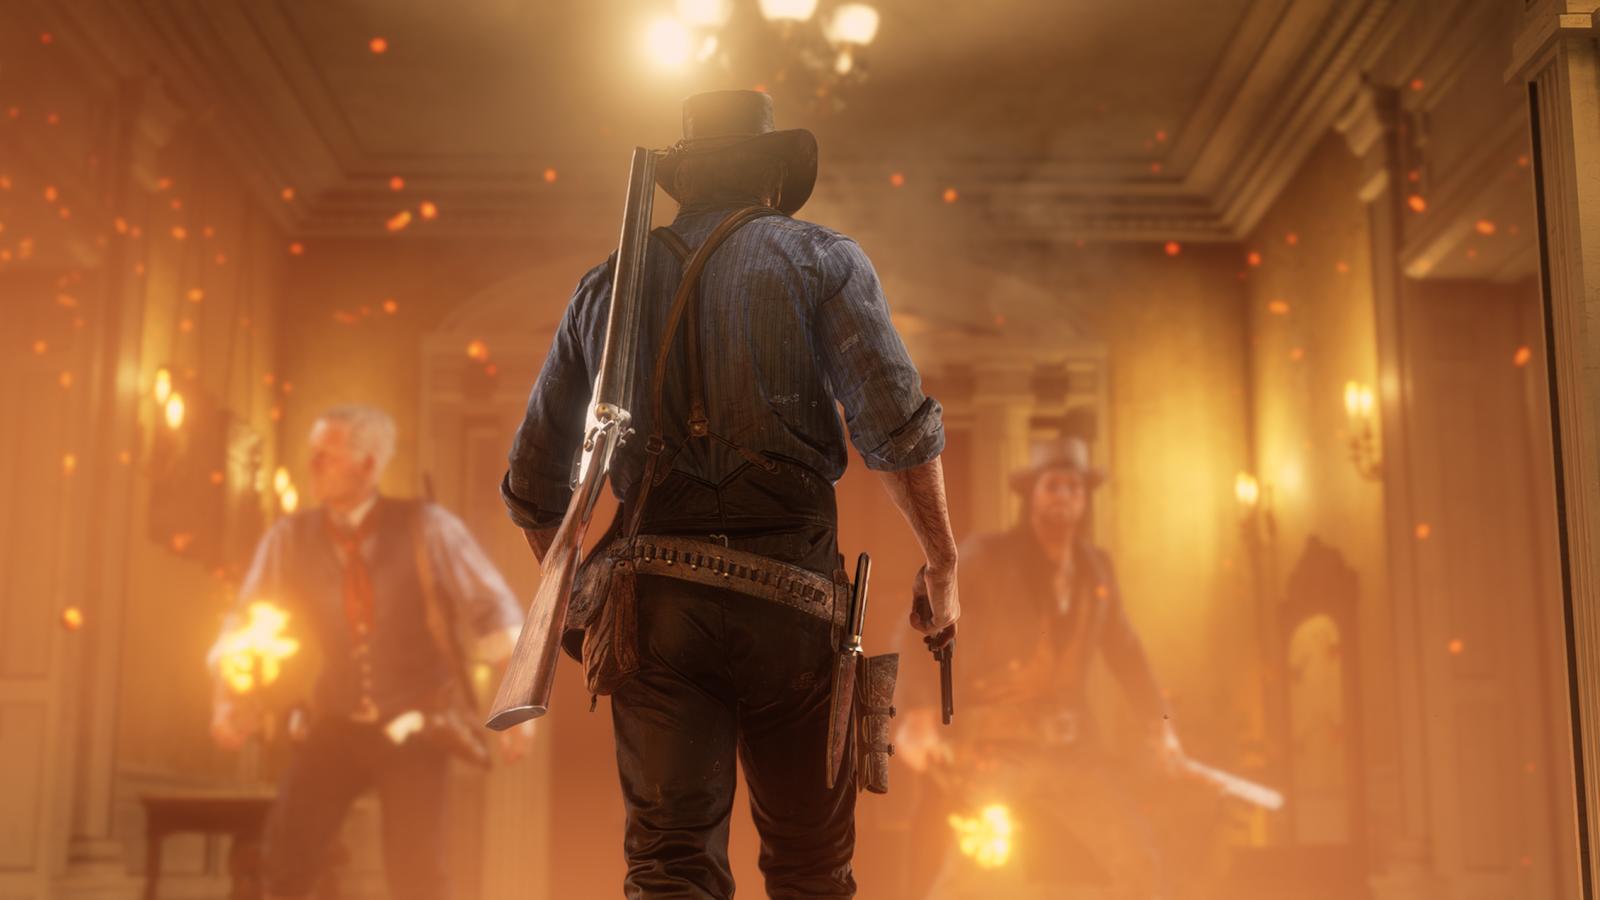 Câu chuyện kì lạ đến mức khó tin trong Red Dead Redemption 2